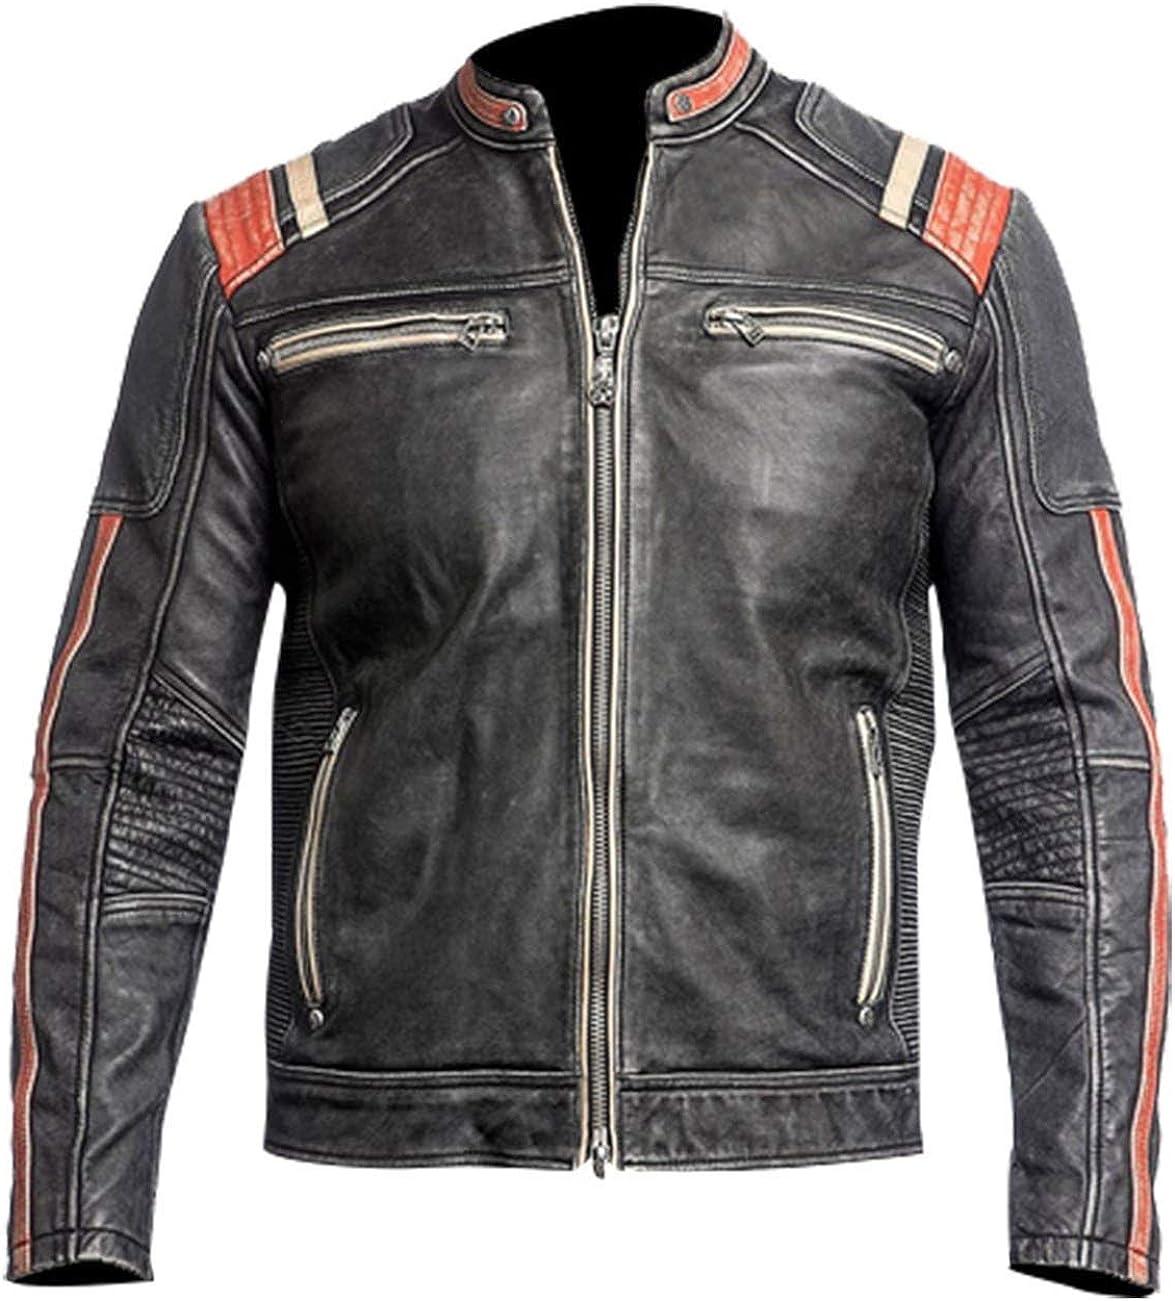 Men's Retro Cafe Racer Distressed Black Vintage Biker Leather Jacket